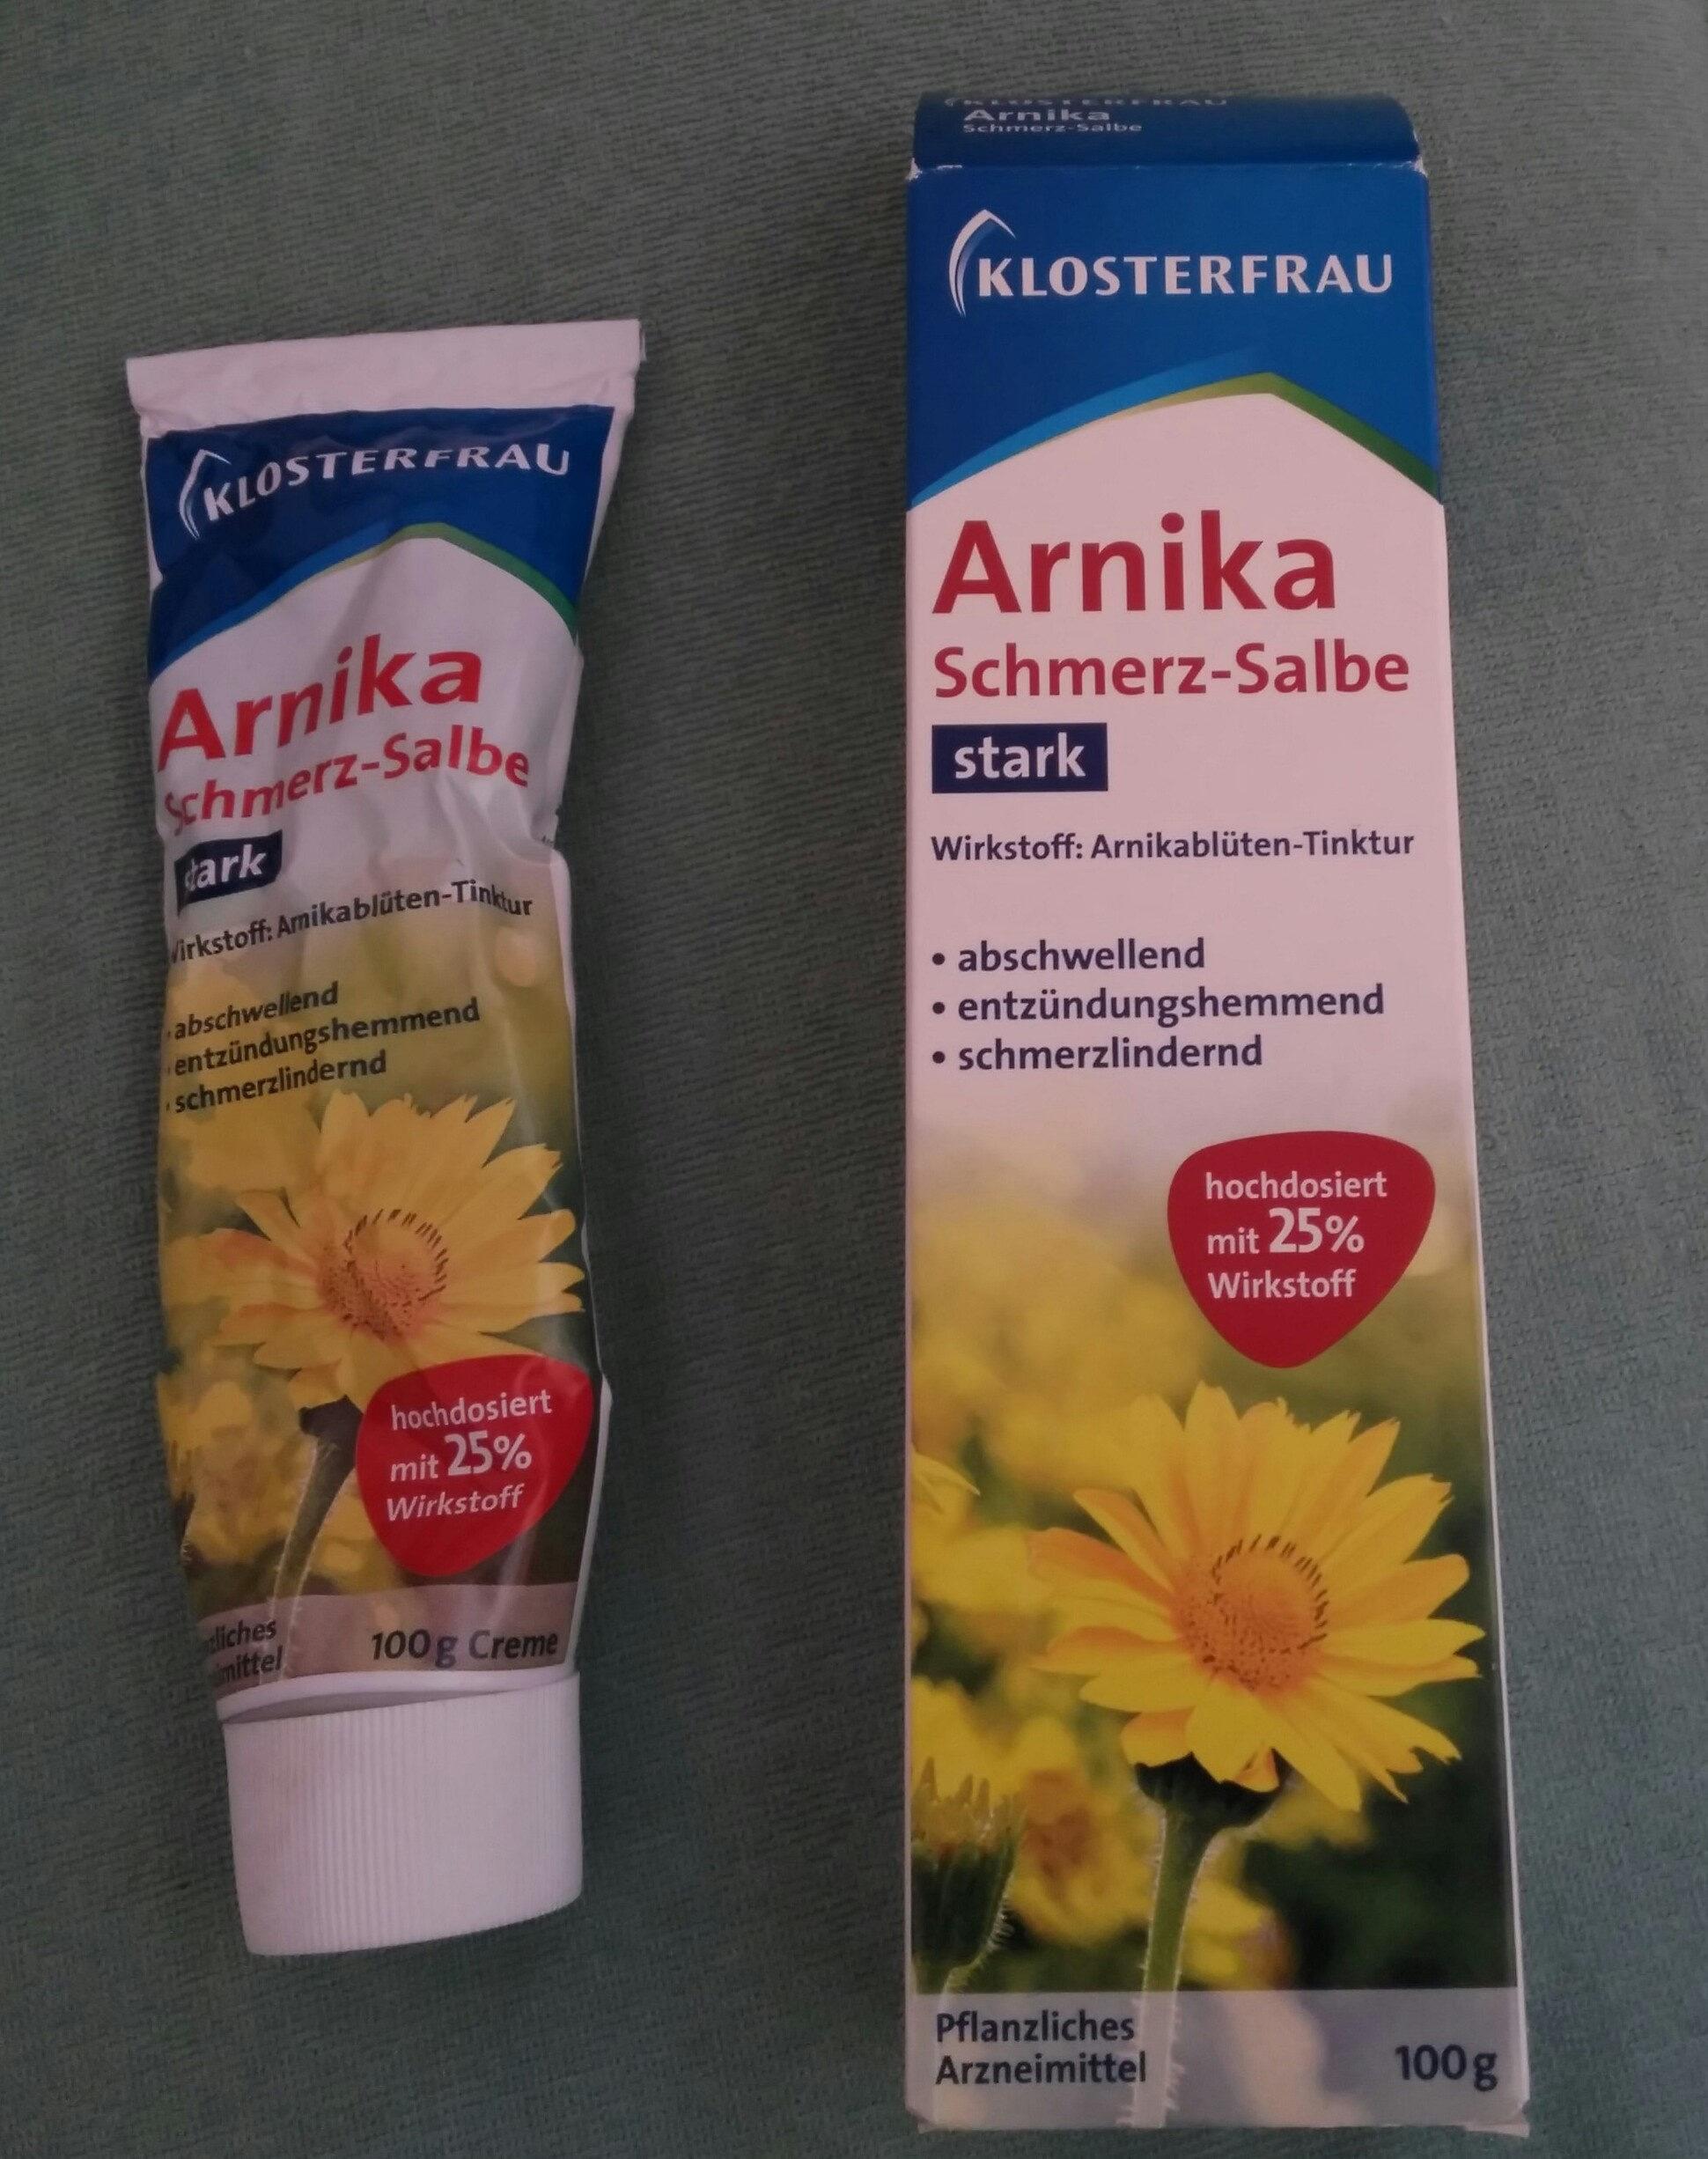 Annika Schmerzsalbe stark Wirkstoff arnikablüten Tinktur Abschwellen entzündungshemmend schmerzlindernd hochdosierten 25% Wirkstoff - Product